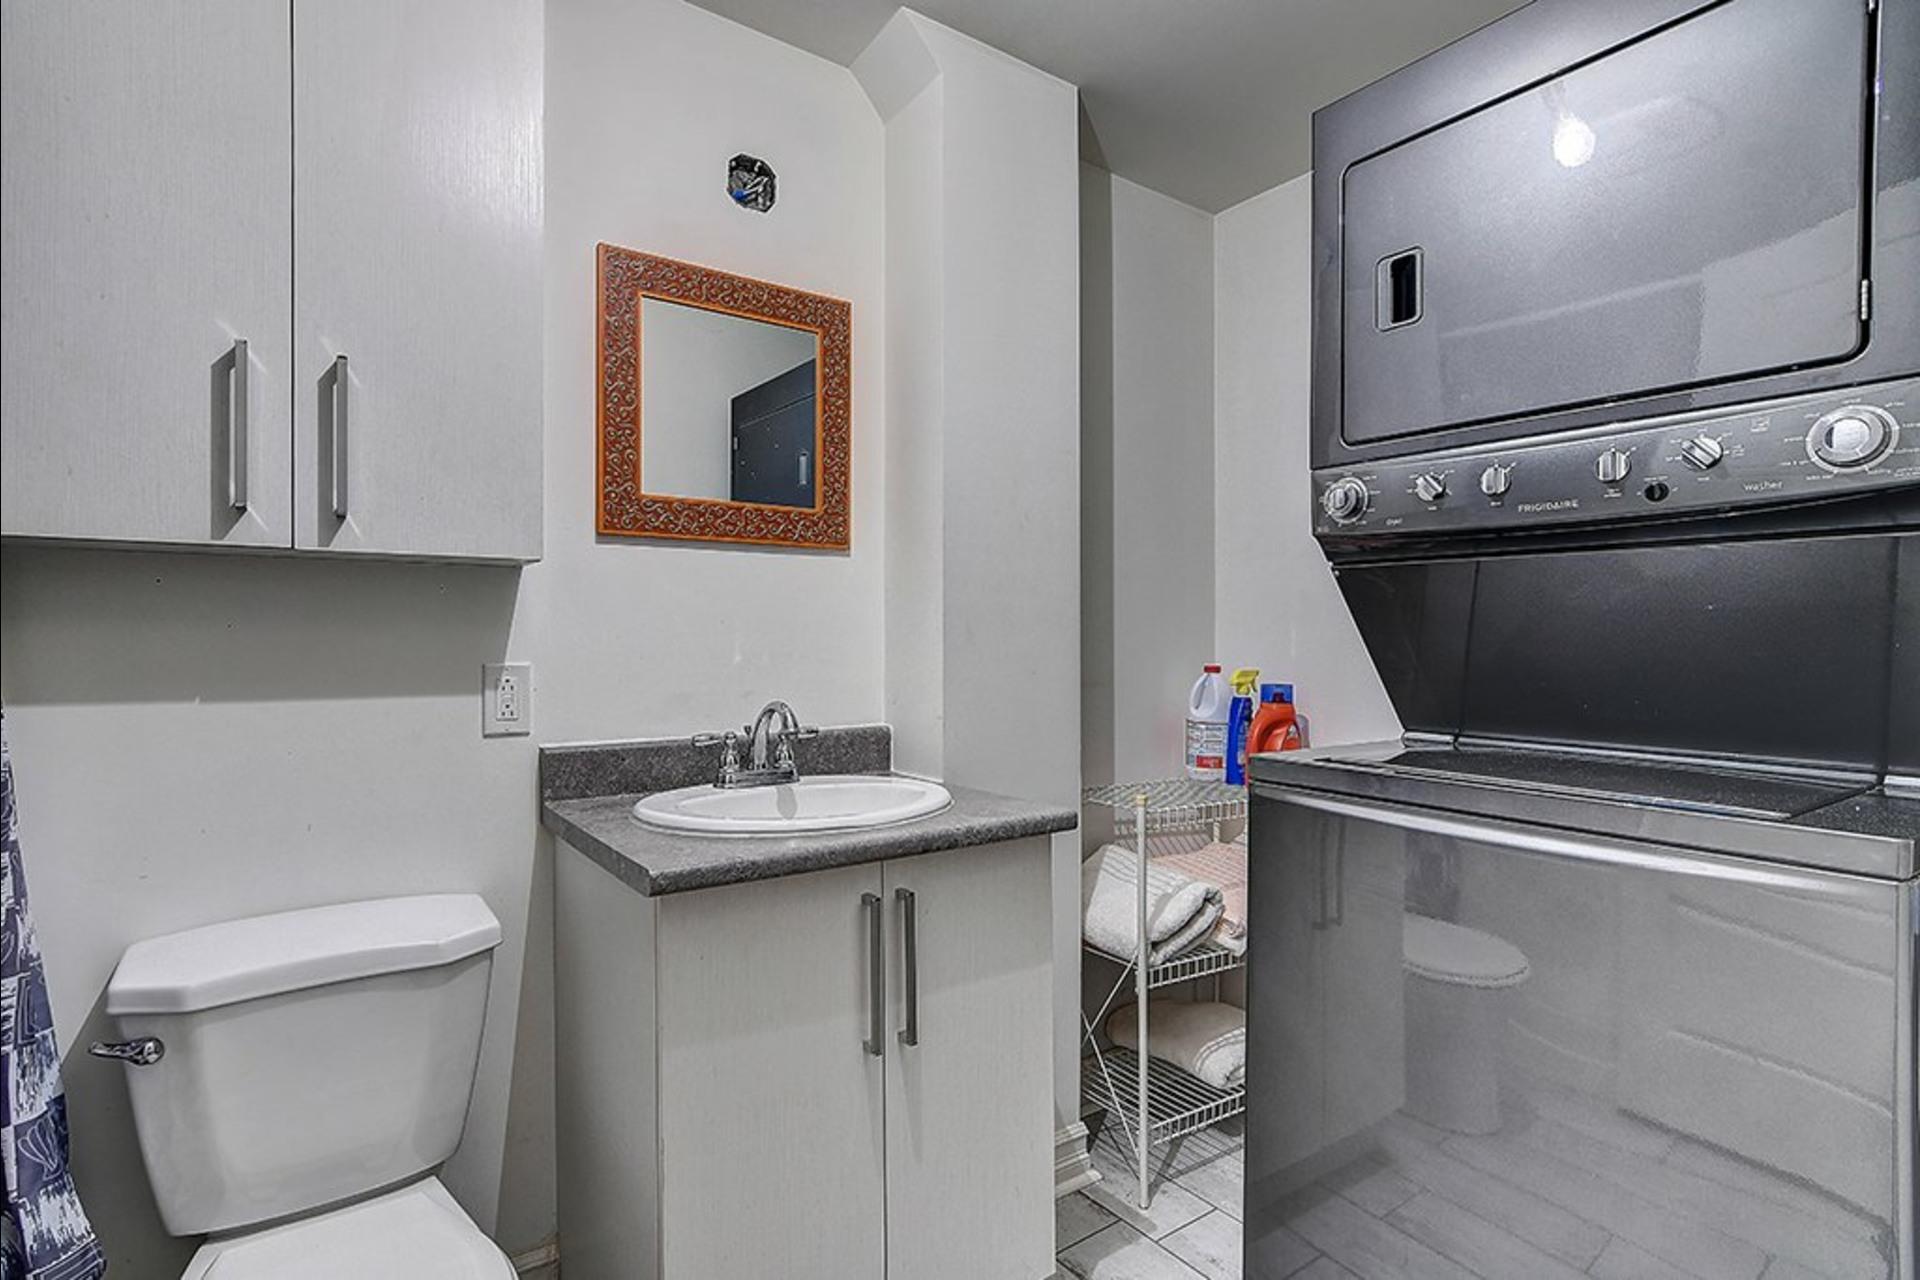 image 22 - 收入财产 出售 Le Sud-Ouest Montréal  - 4 室